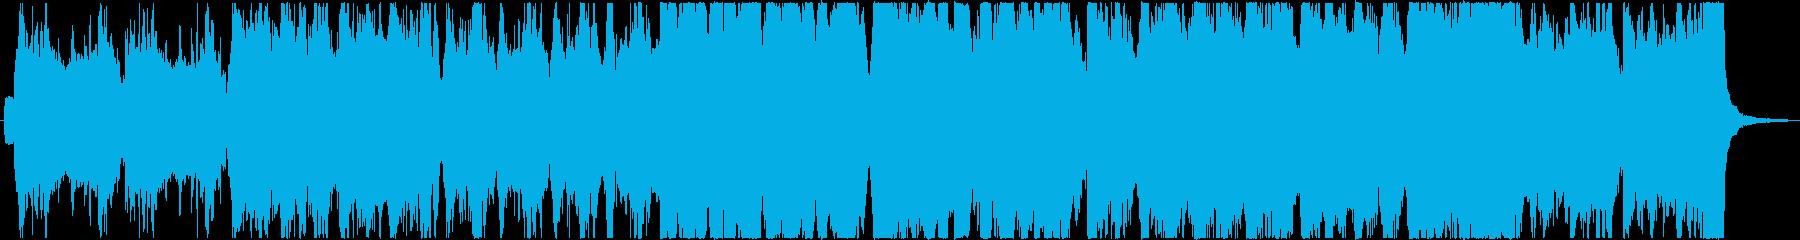 陽気なケルト風/フィドルとバグパイプの再生済みの波形